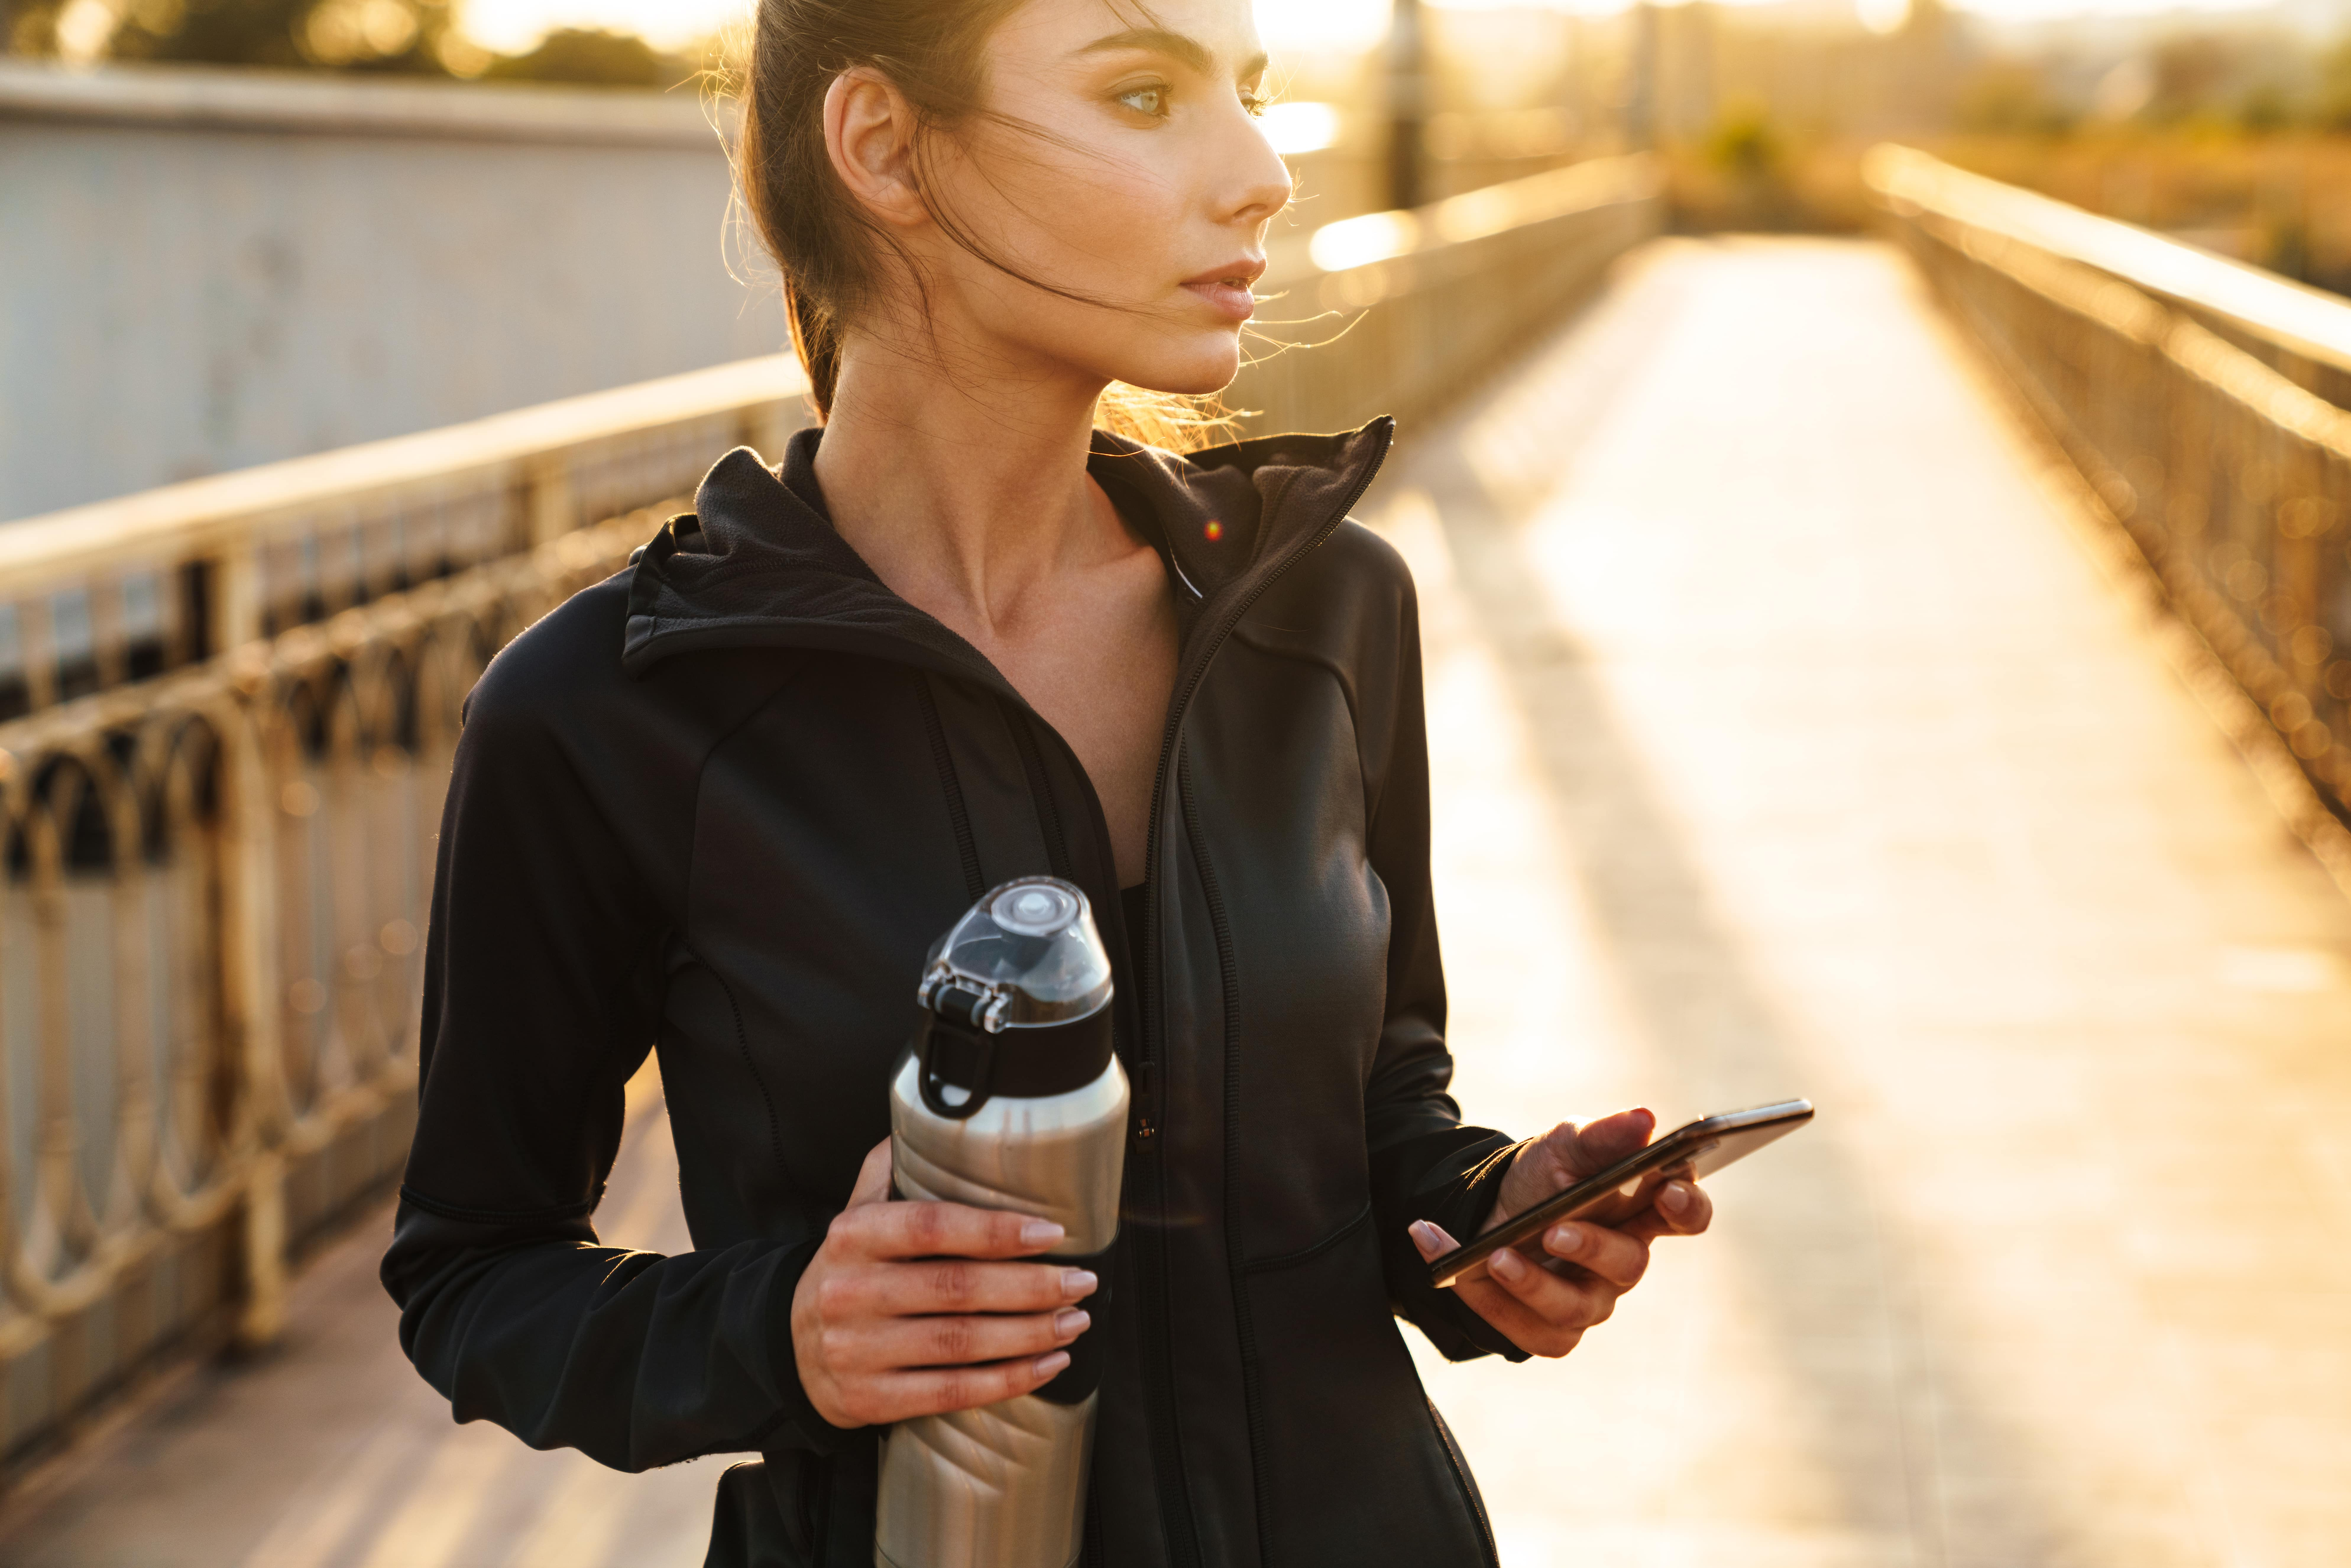 Ходьба для похудения. Сколько нужно ходить в день, чтобы похудеть